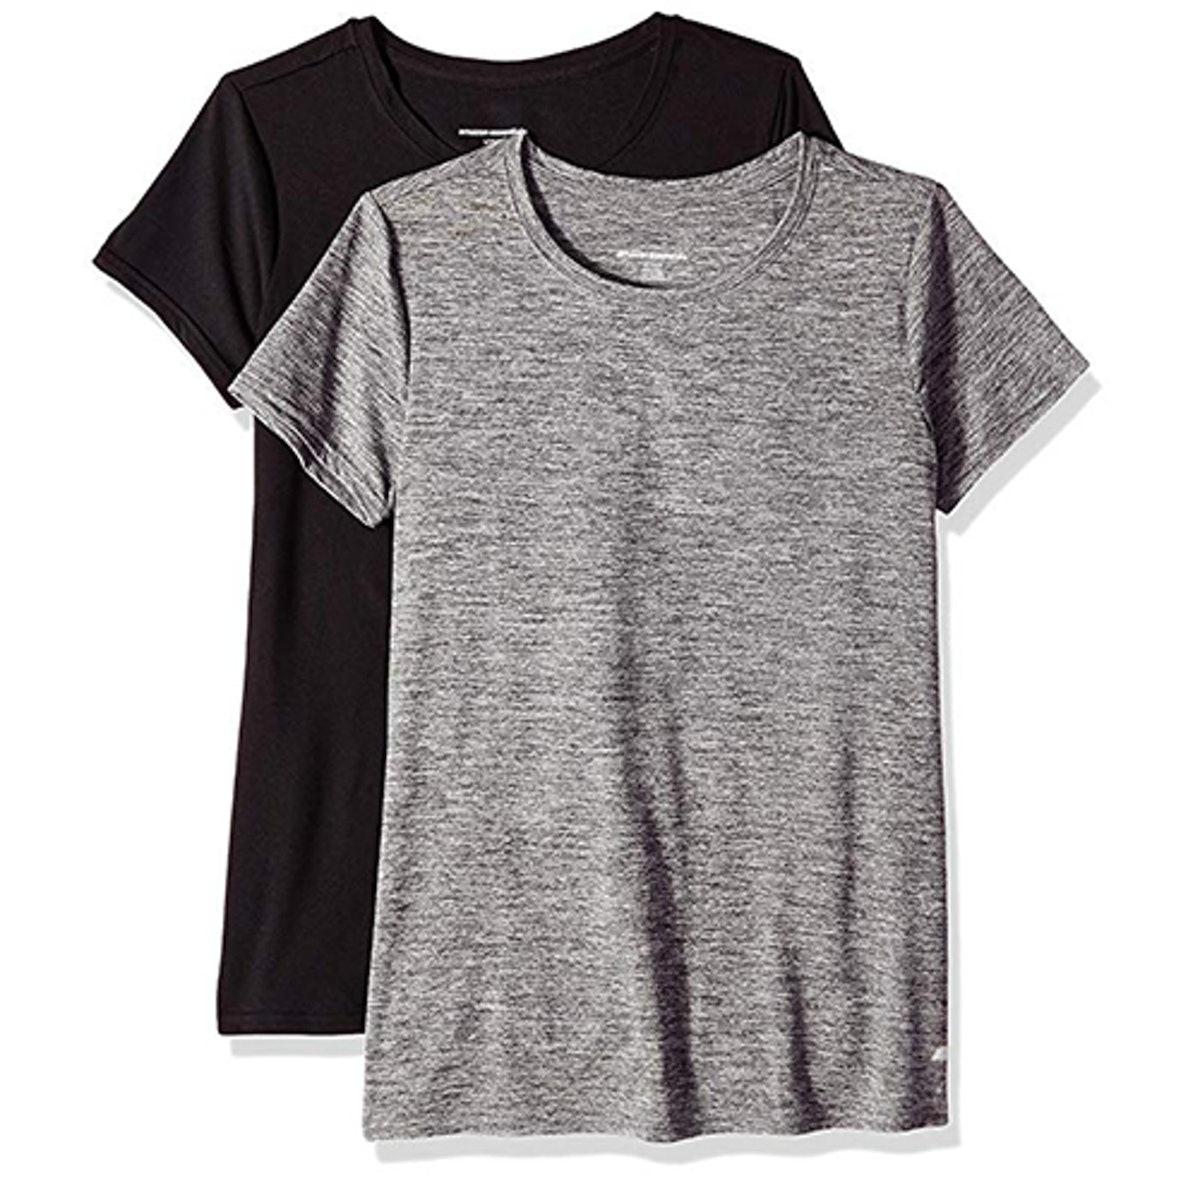 Amazon Essentials Women's 2-Pack Tech T-Shirt